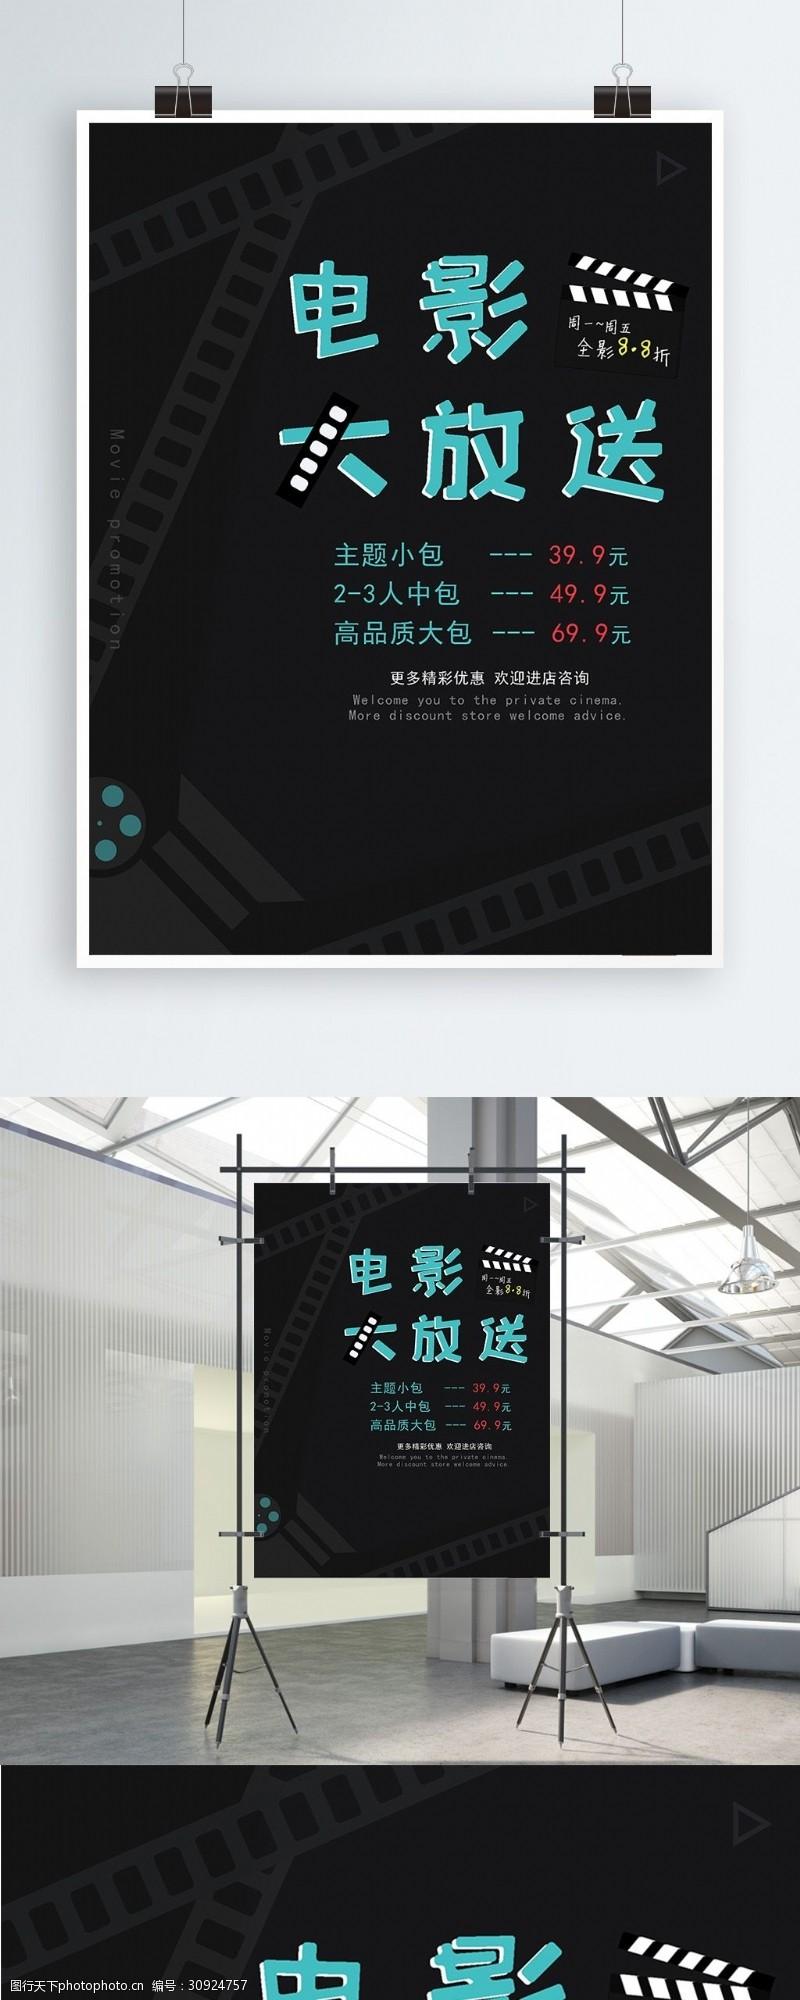 私人影院观影宣传海报